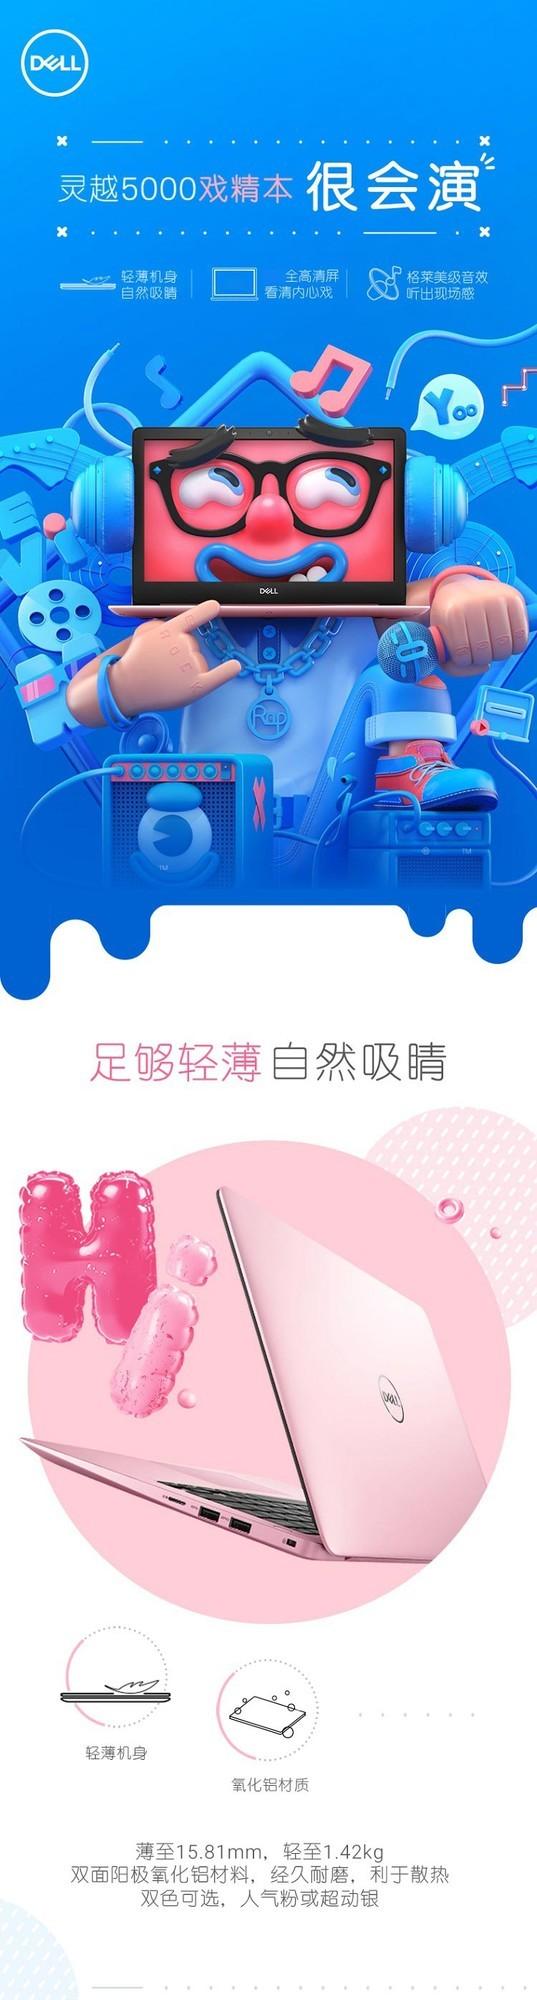 戴尔5370-1505S滨州专卖店热销4699元